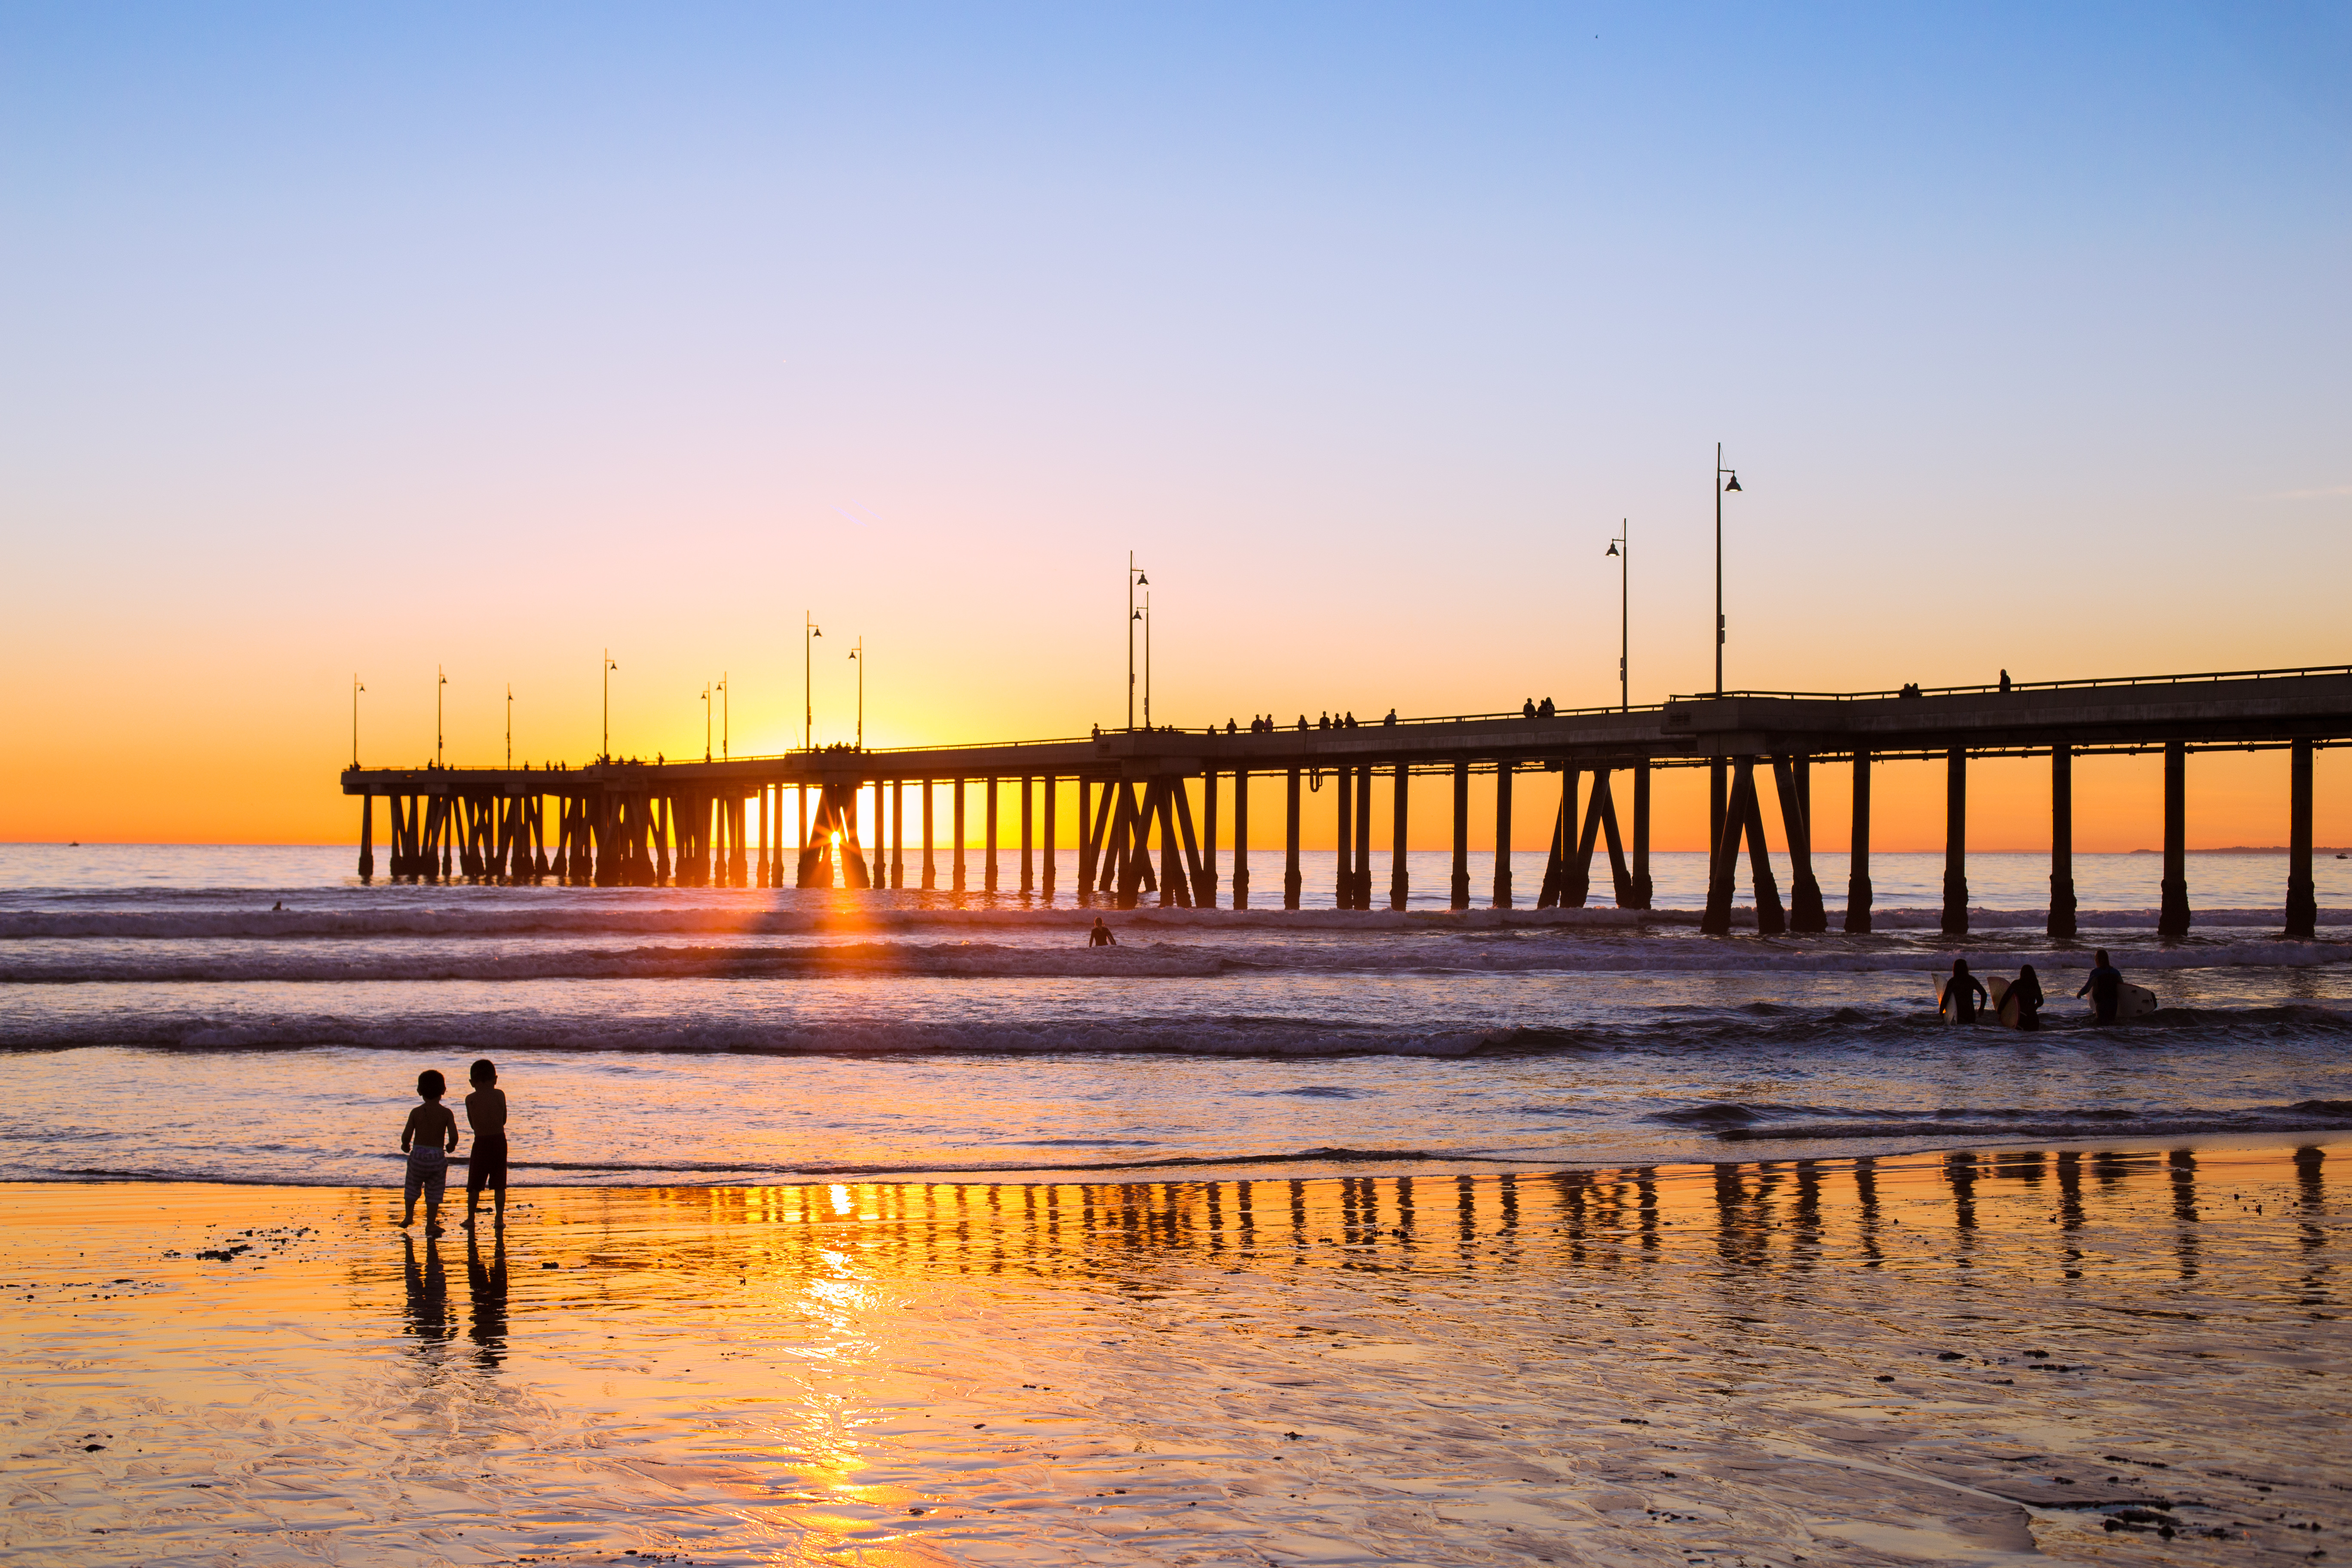 LAX 5 VENICE BEACH